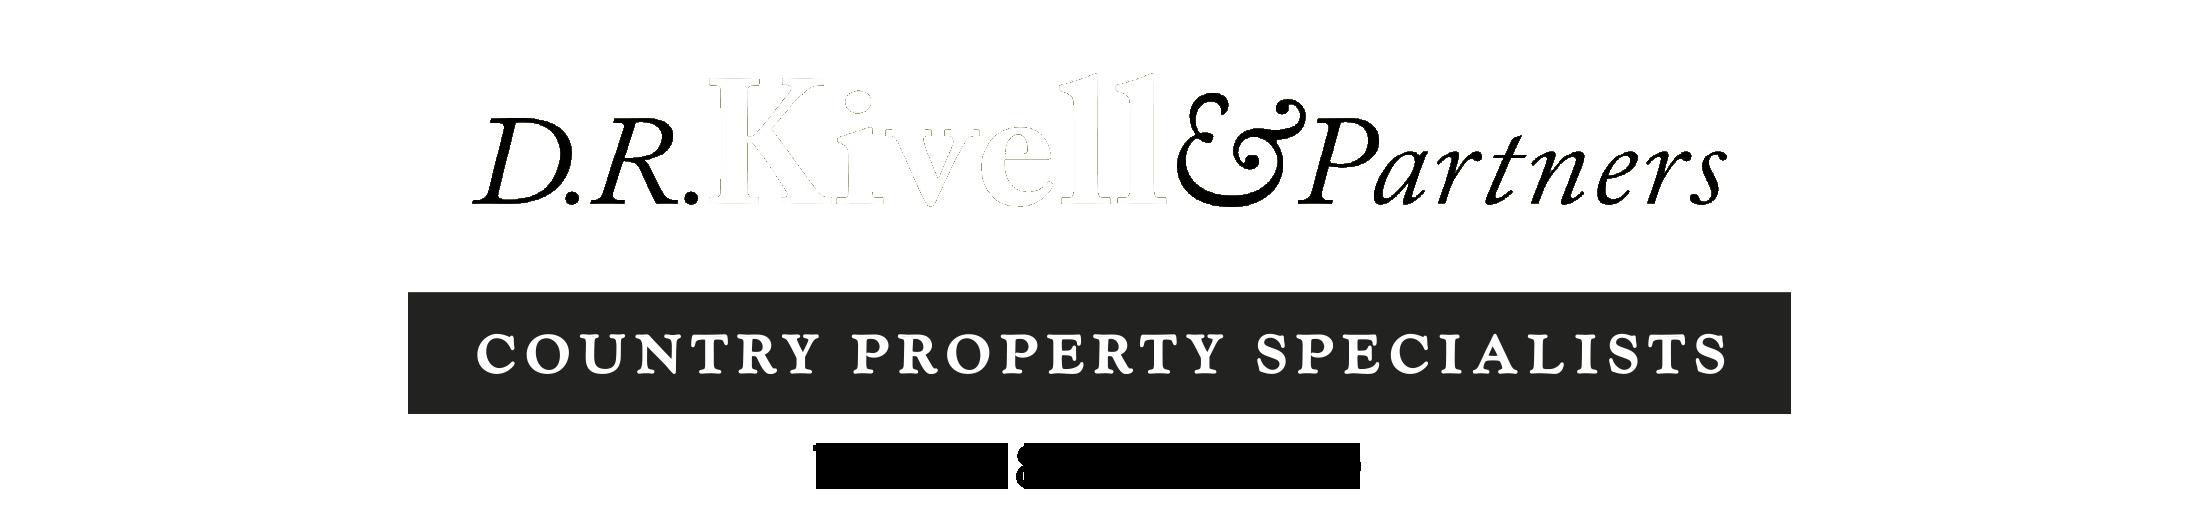 D R Kivell & Partners